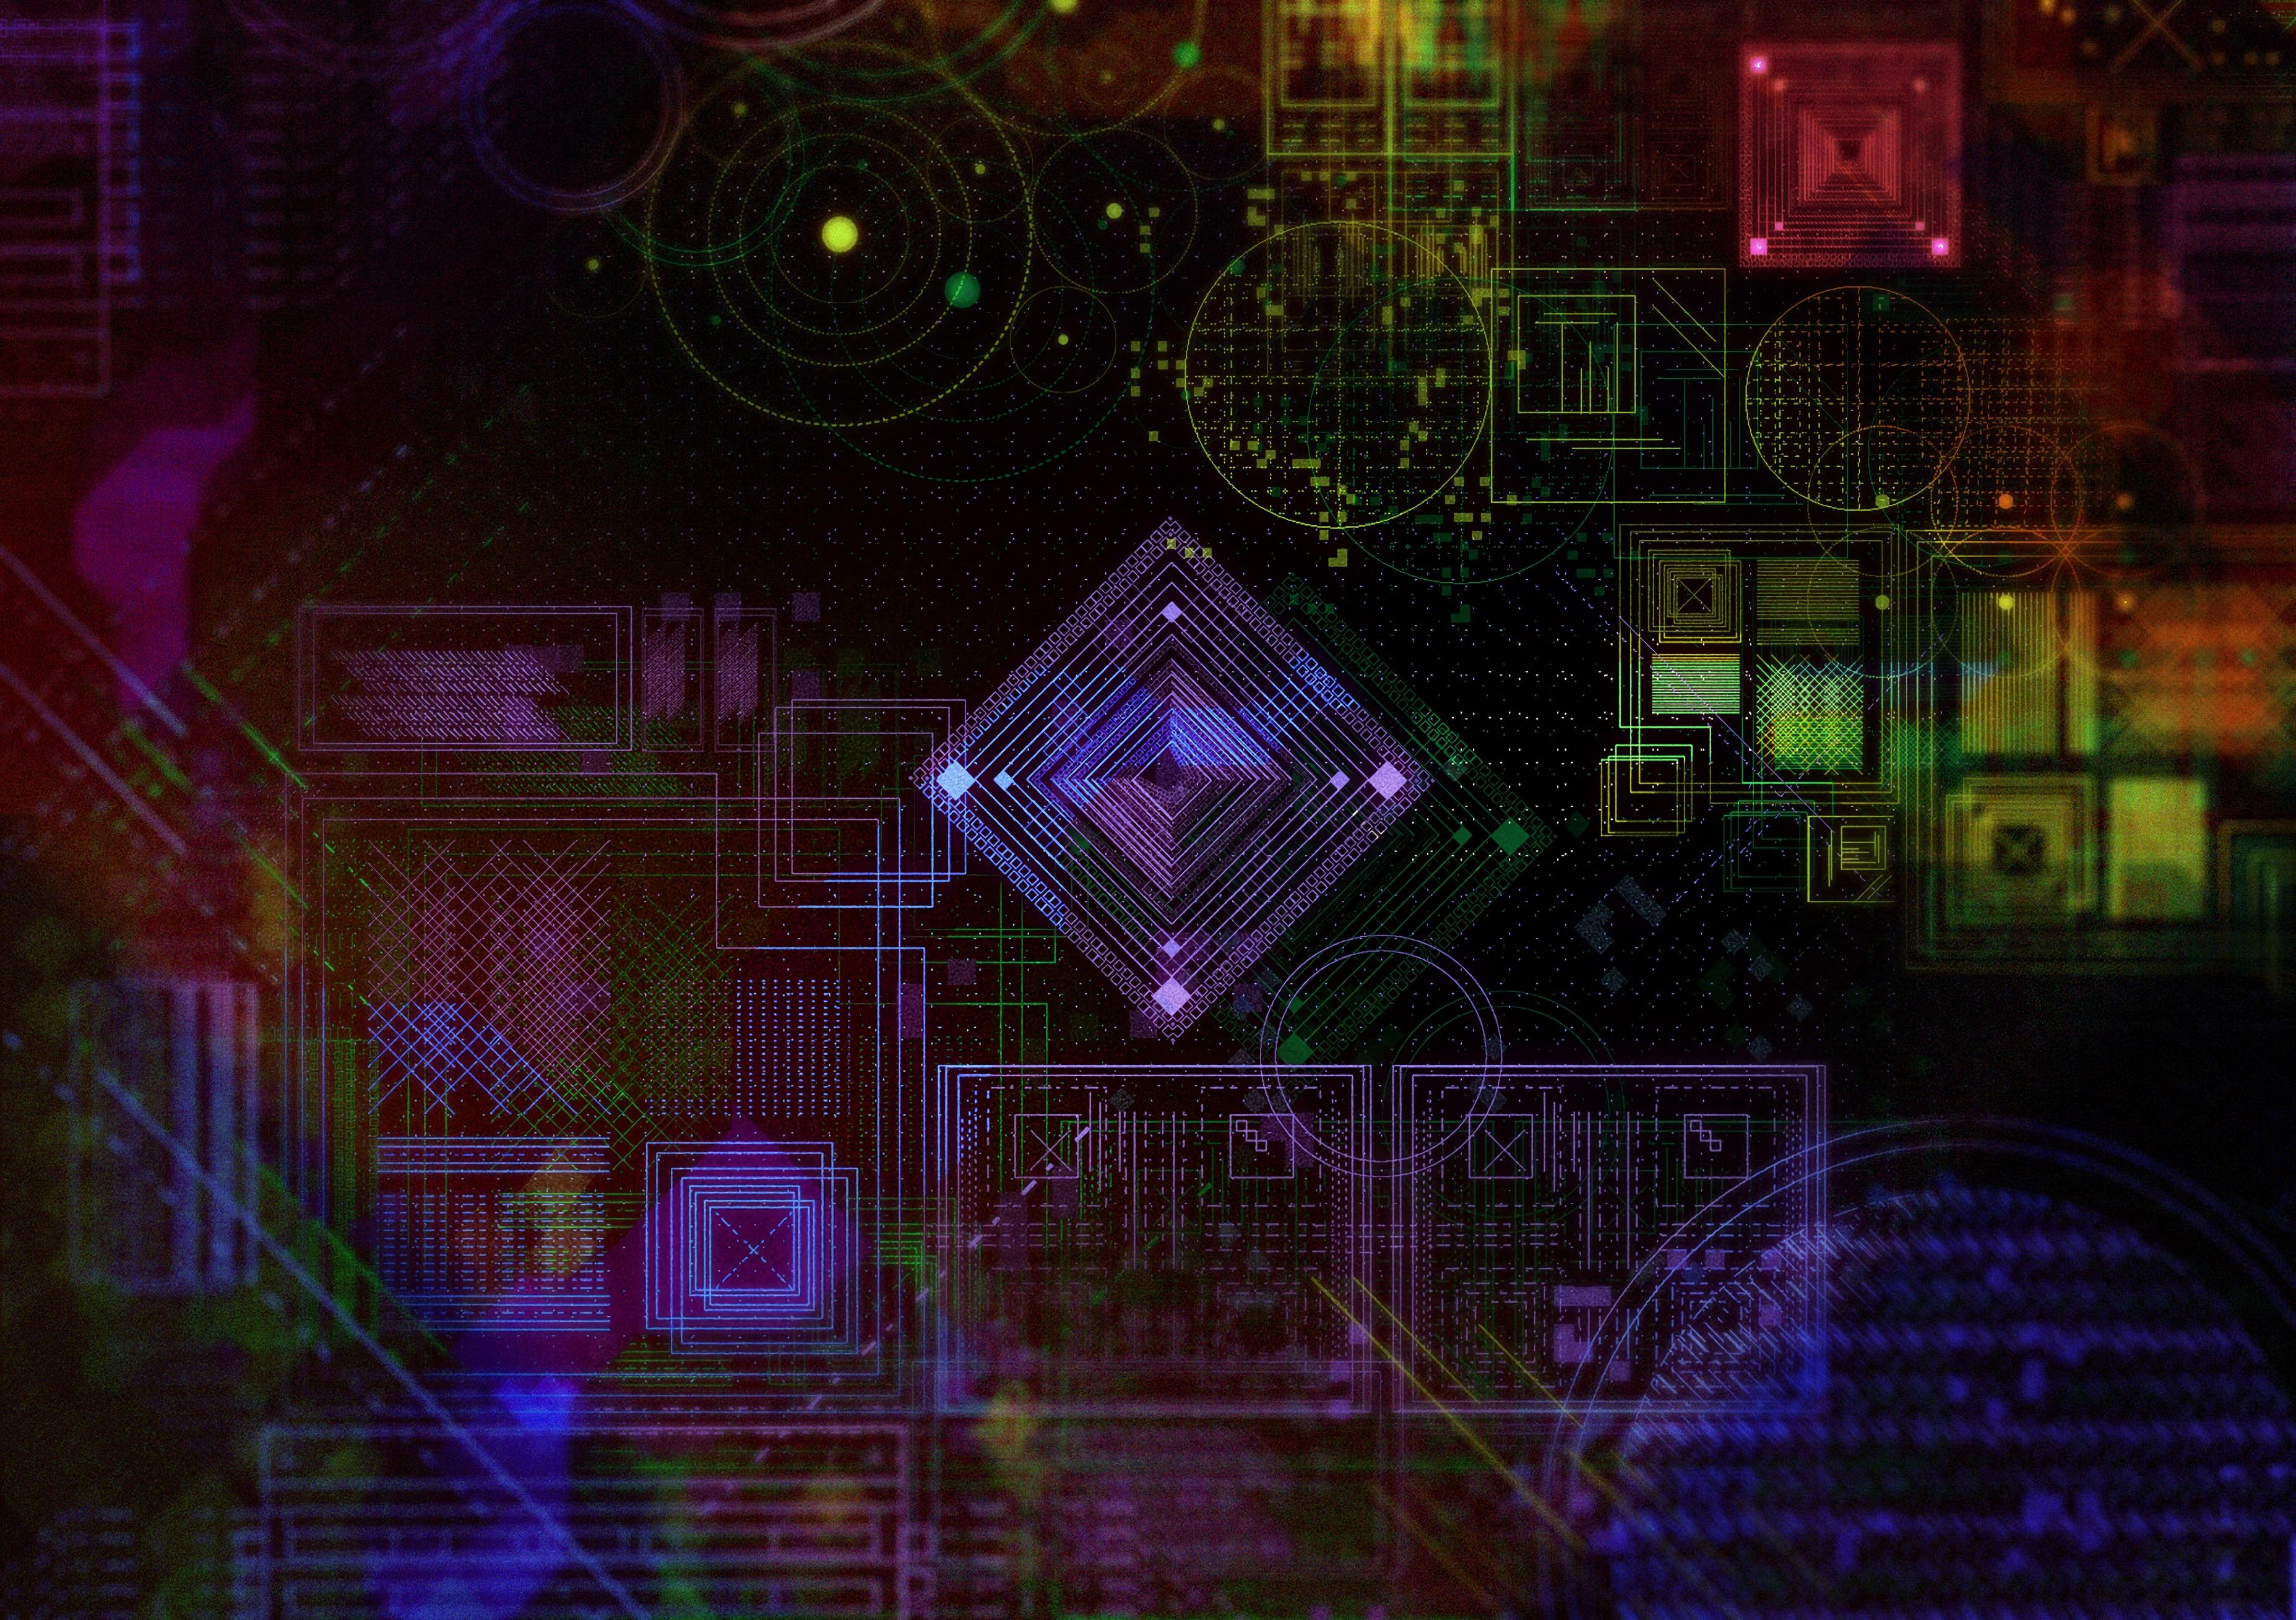 96941 télécharger le fond d'écran Abstrait, Hologramme, Schéma, Modèle, Multicolore, Hétéroclite, Géométrique, Formes, Forme, Lignes - économiseurs d'écran et images gratuitement